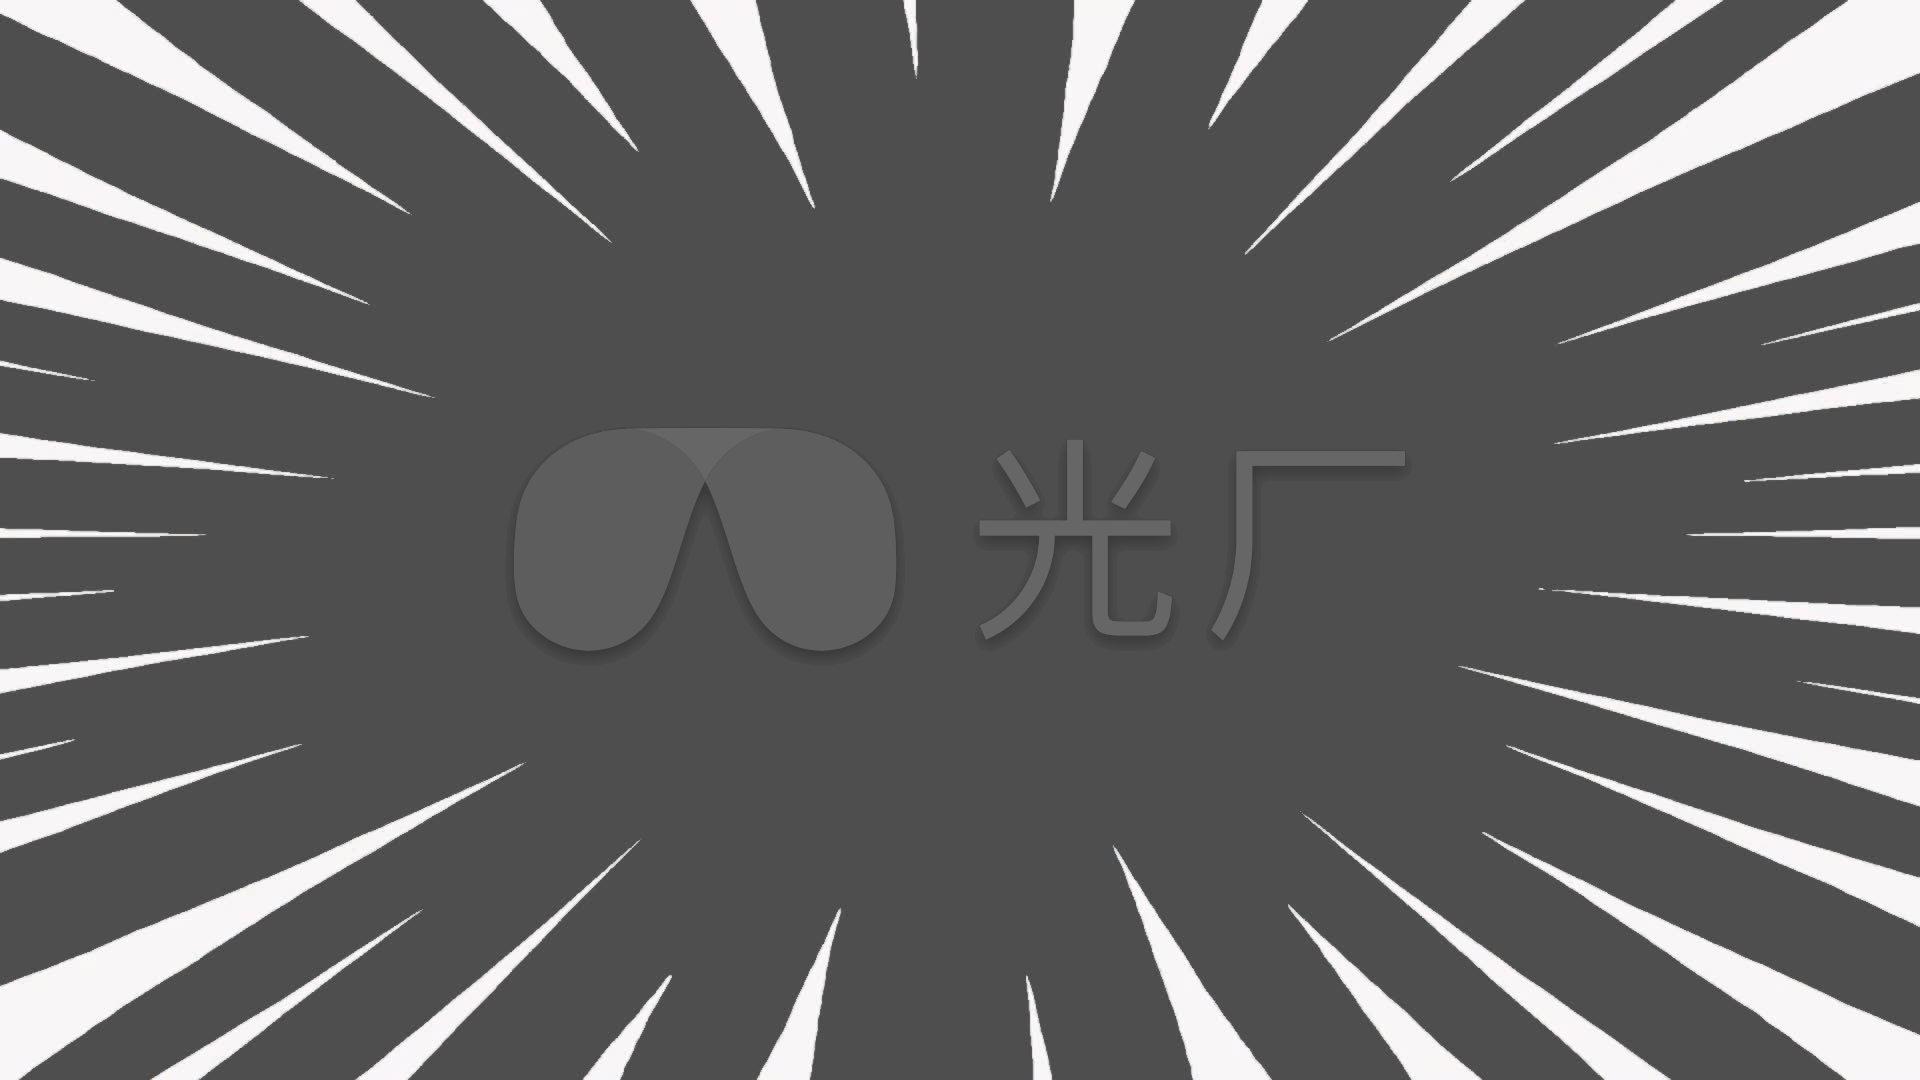 【综艺】速度线_1920x1080_高清视频素材下载(编号:)